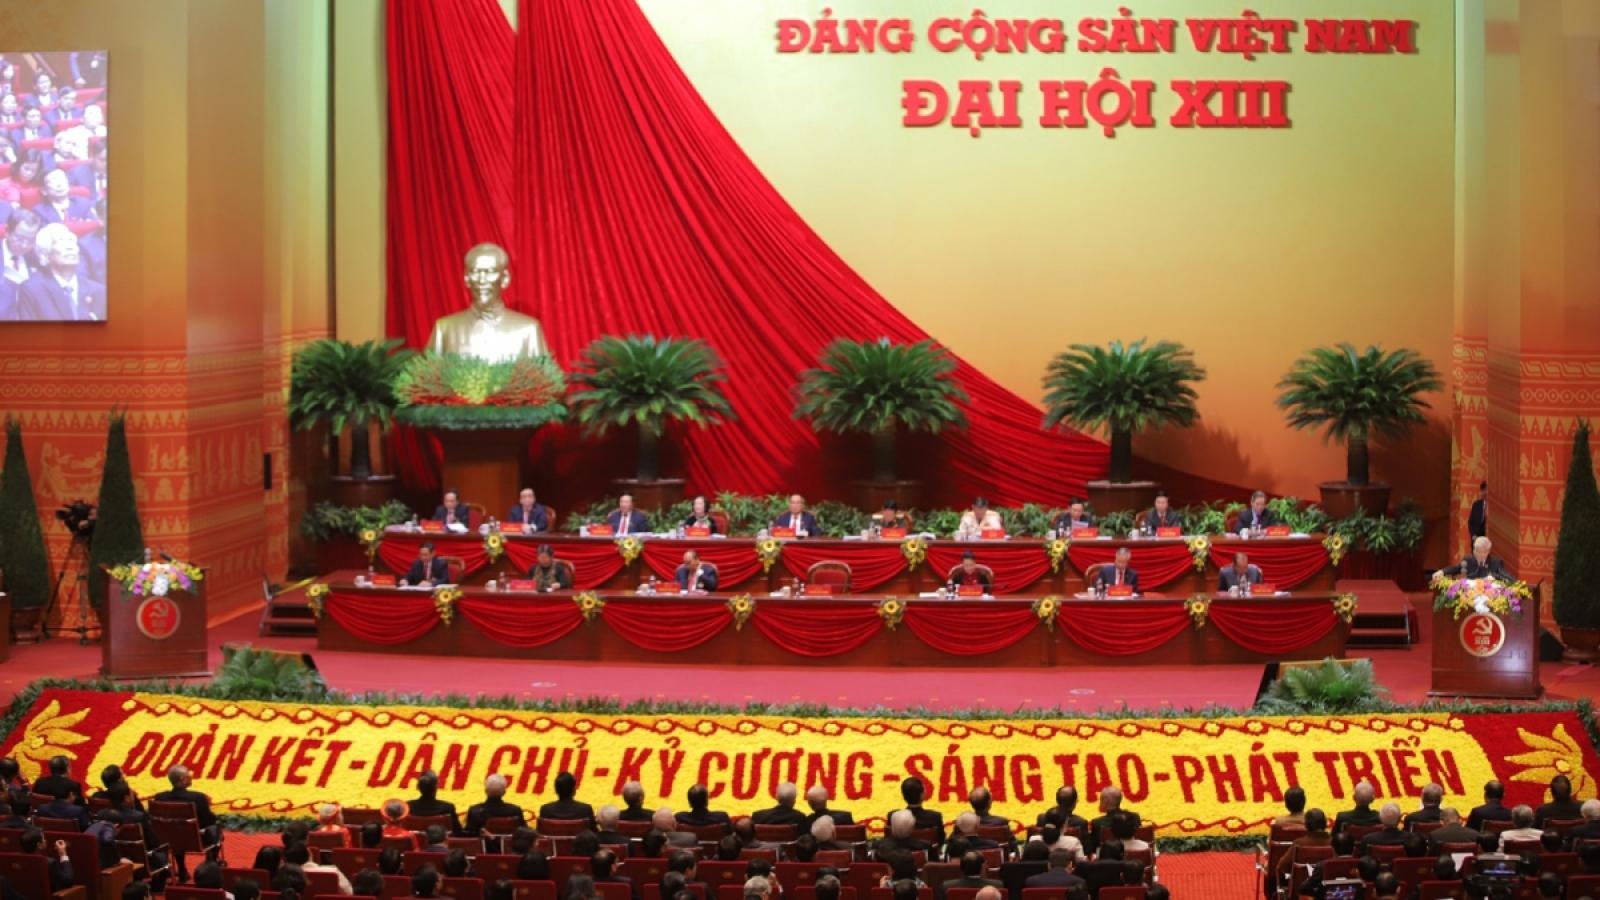 Chỉ thị của Bộ Chính trị về triển khai thực hiện Nghị quyết Đại hội XIII